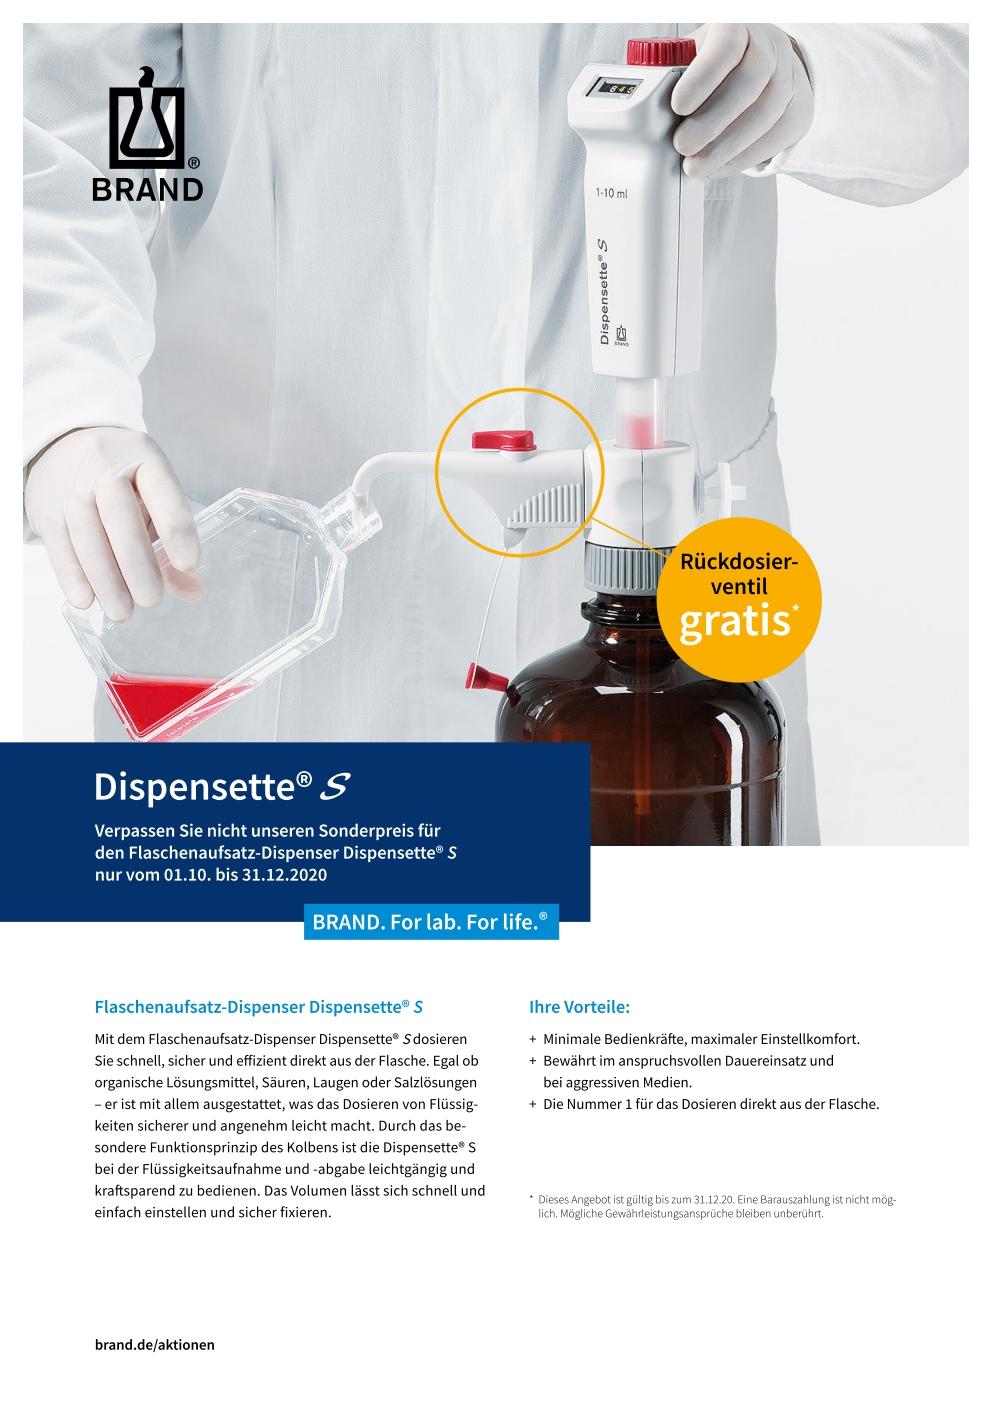 Brand Dispensette S